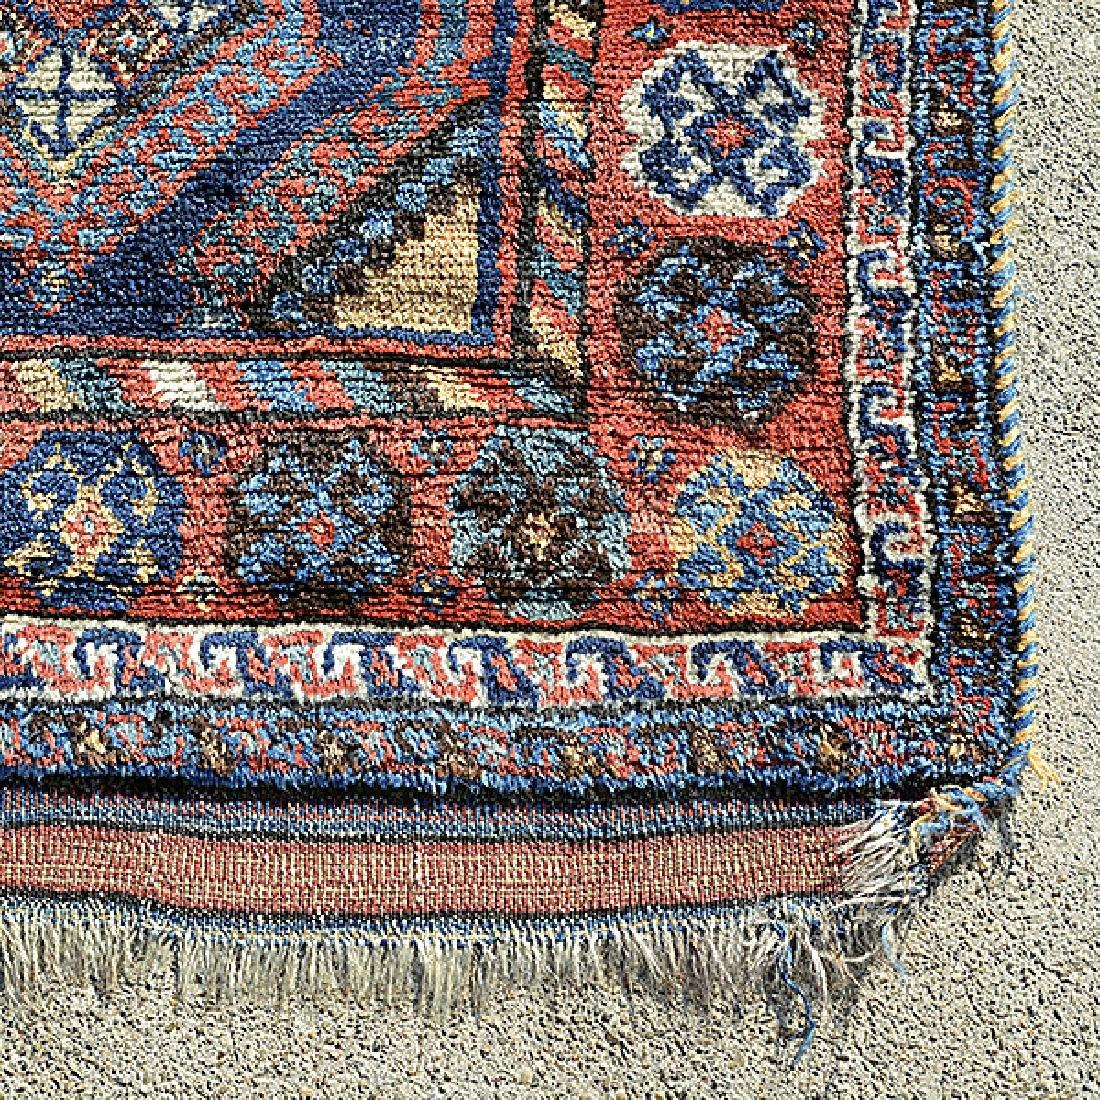 Caucasian Rug in a Geometric: 4 feet 8 inches x 7 feet - 2